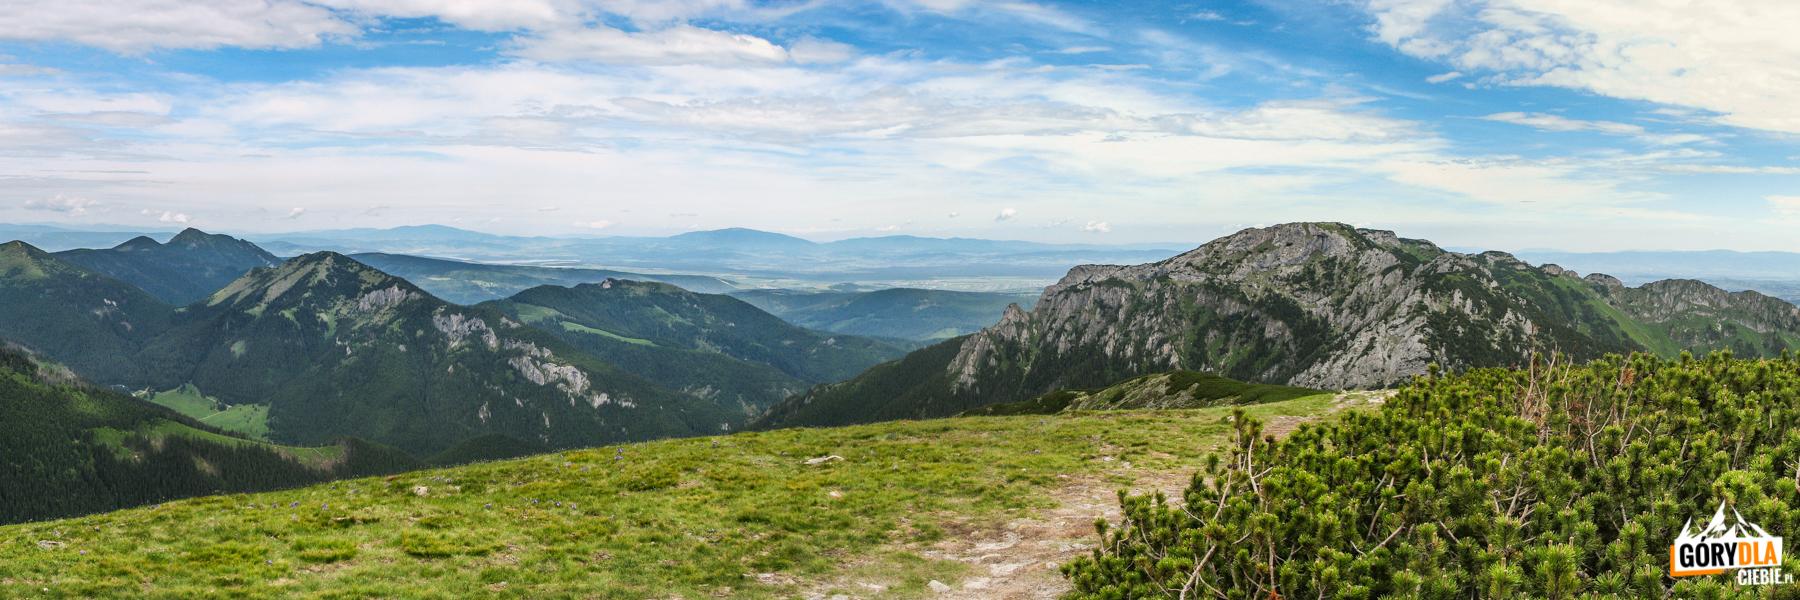 Widok zSuchego Wierchu Ornaczańskiego (1832 m) naBpbrowiec (1663 m) iKominarski Wierch (1829 m), nahoryzoncie widoczne Pilsko (1557 m) iBabia Góra (1725 m)